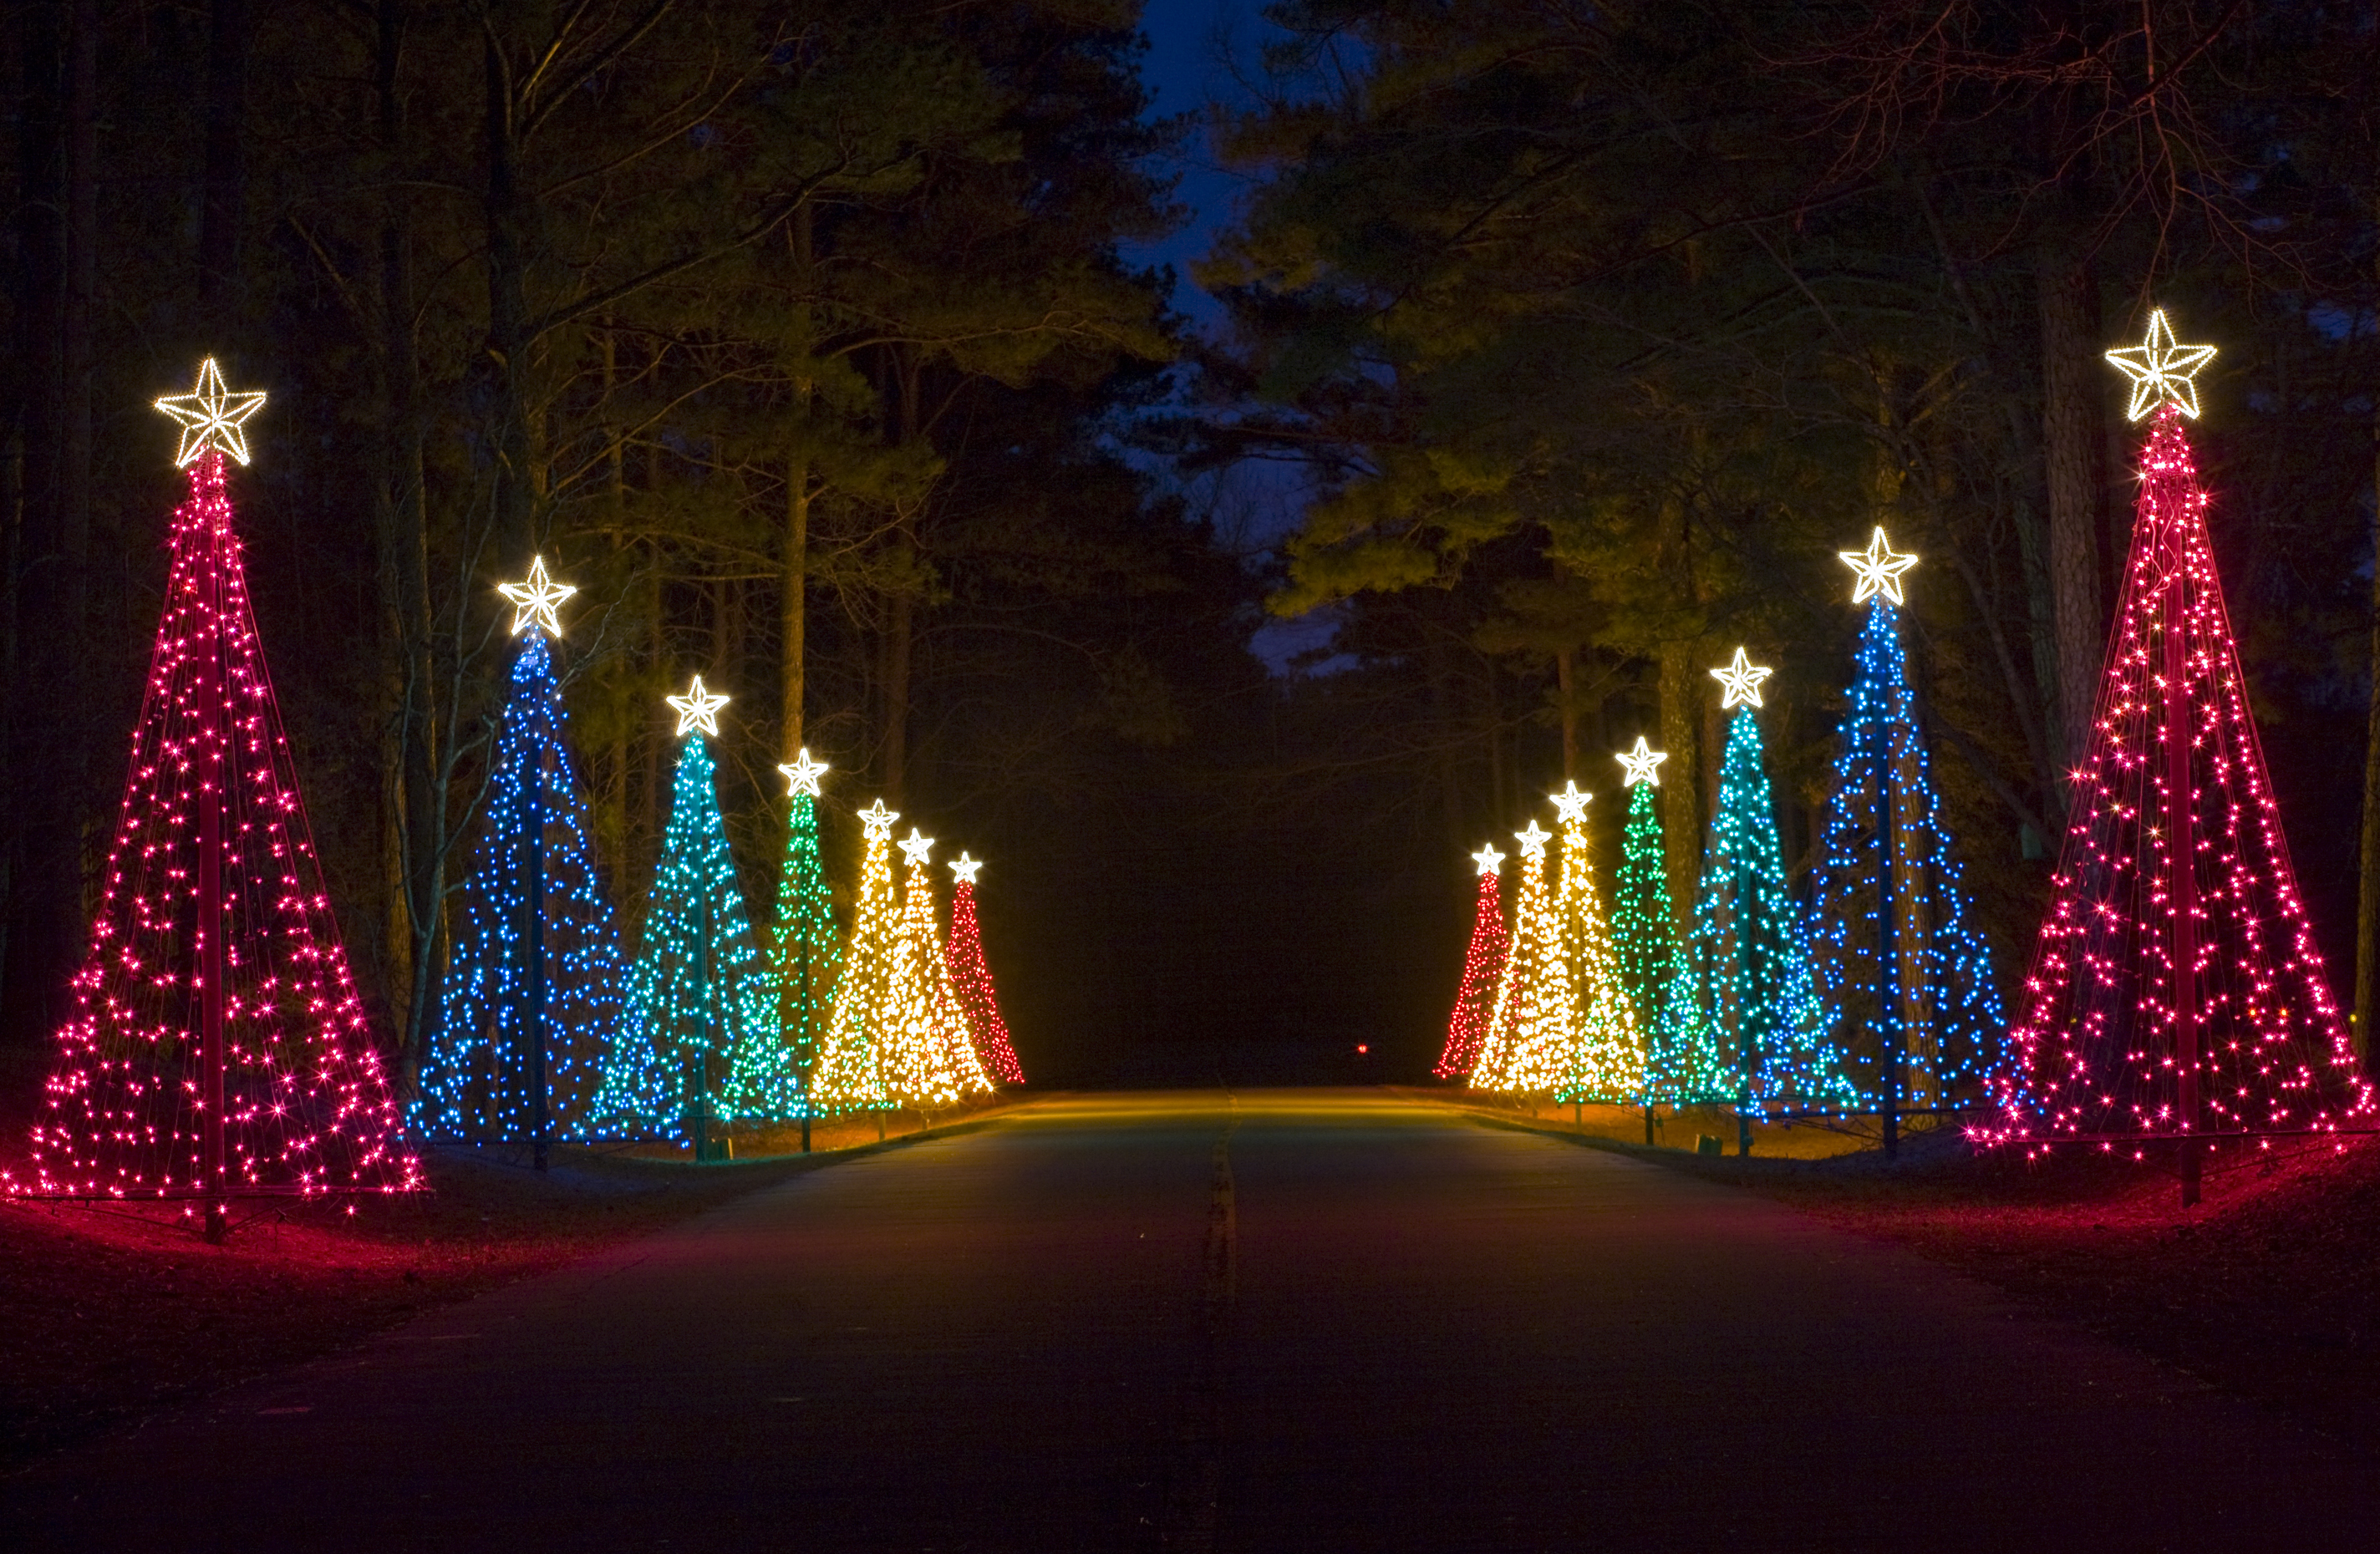 Fantasy In Lights At Callaway Gardens A Spectaular Light